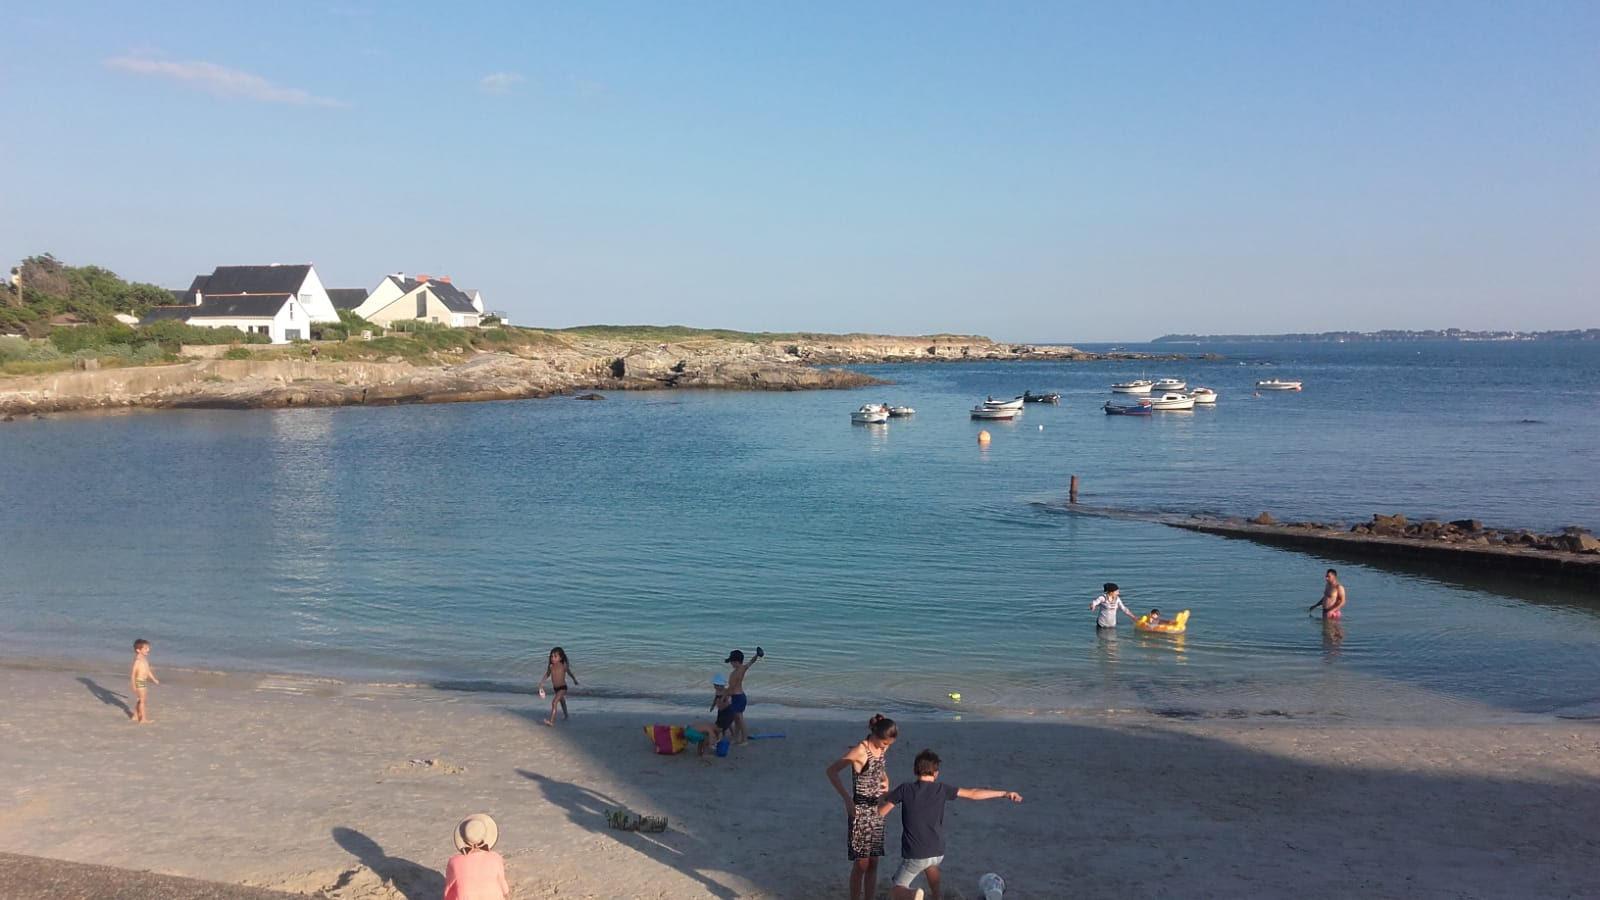 La petite plage familiale  : Le Courégant en face de la résidence